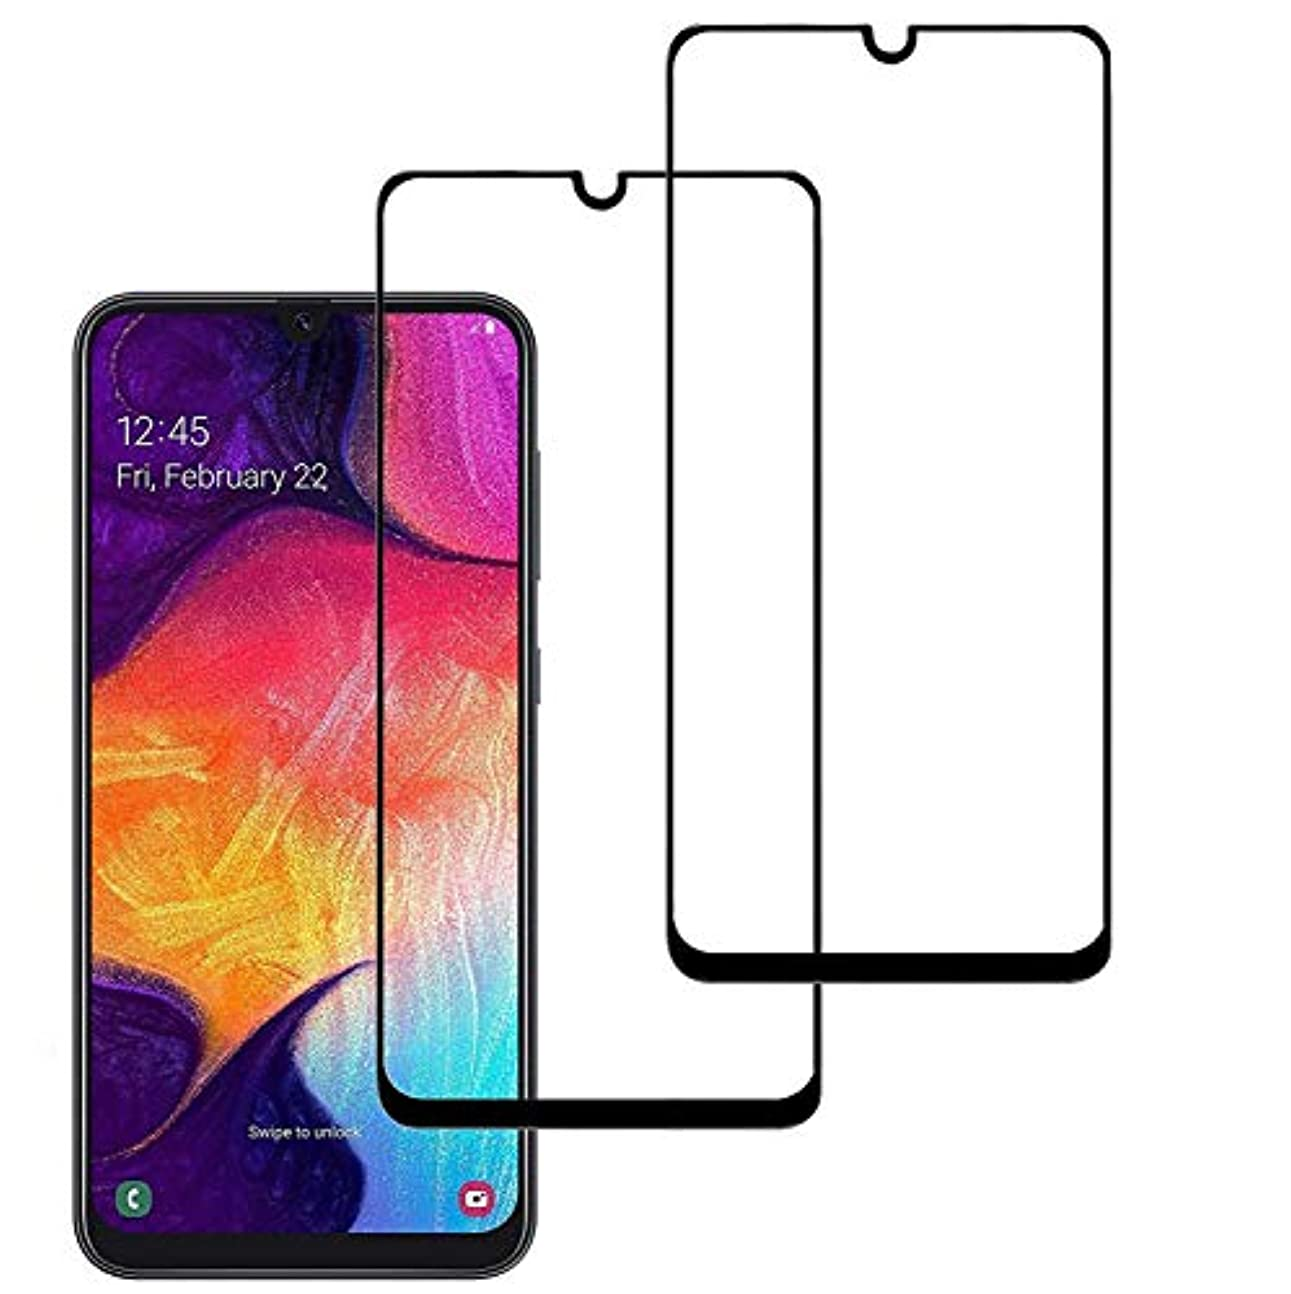 横向きカイウスたっぷり【2020年最新バージョン】 Galaxy A30 ガラスフイルム Galaxy A30フイルム【日本製素材旭硝子製】【2枚セット】2.5Dラウンドエッジ加工/最大硬度9H/高透過率/3D Touch対応/自動吸着/指紋防止/気泡ゼロ/貼り付け簡単 Galaxy A30 強化ガラス (2.5D光沢タイプ)(Galaxy A30-黒/ブラック)